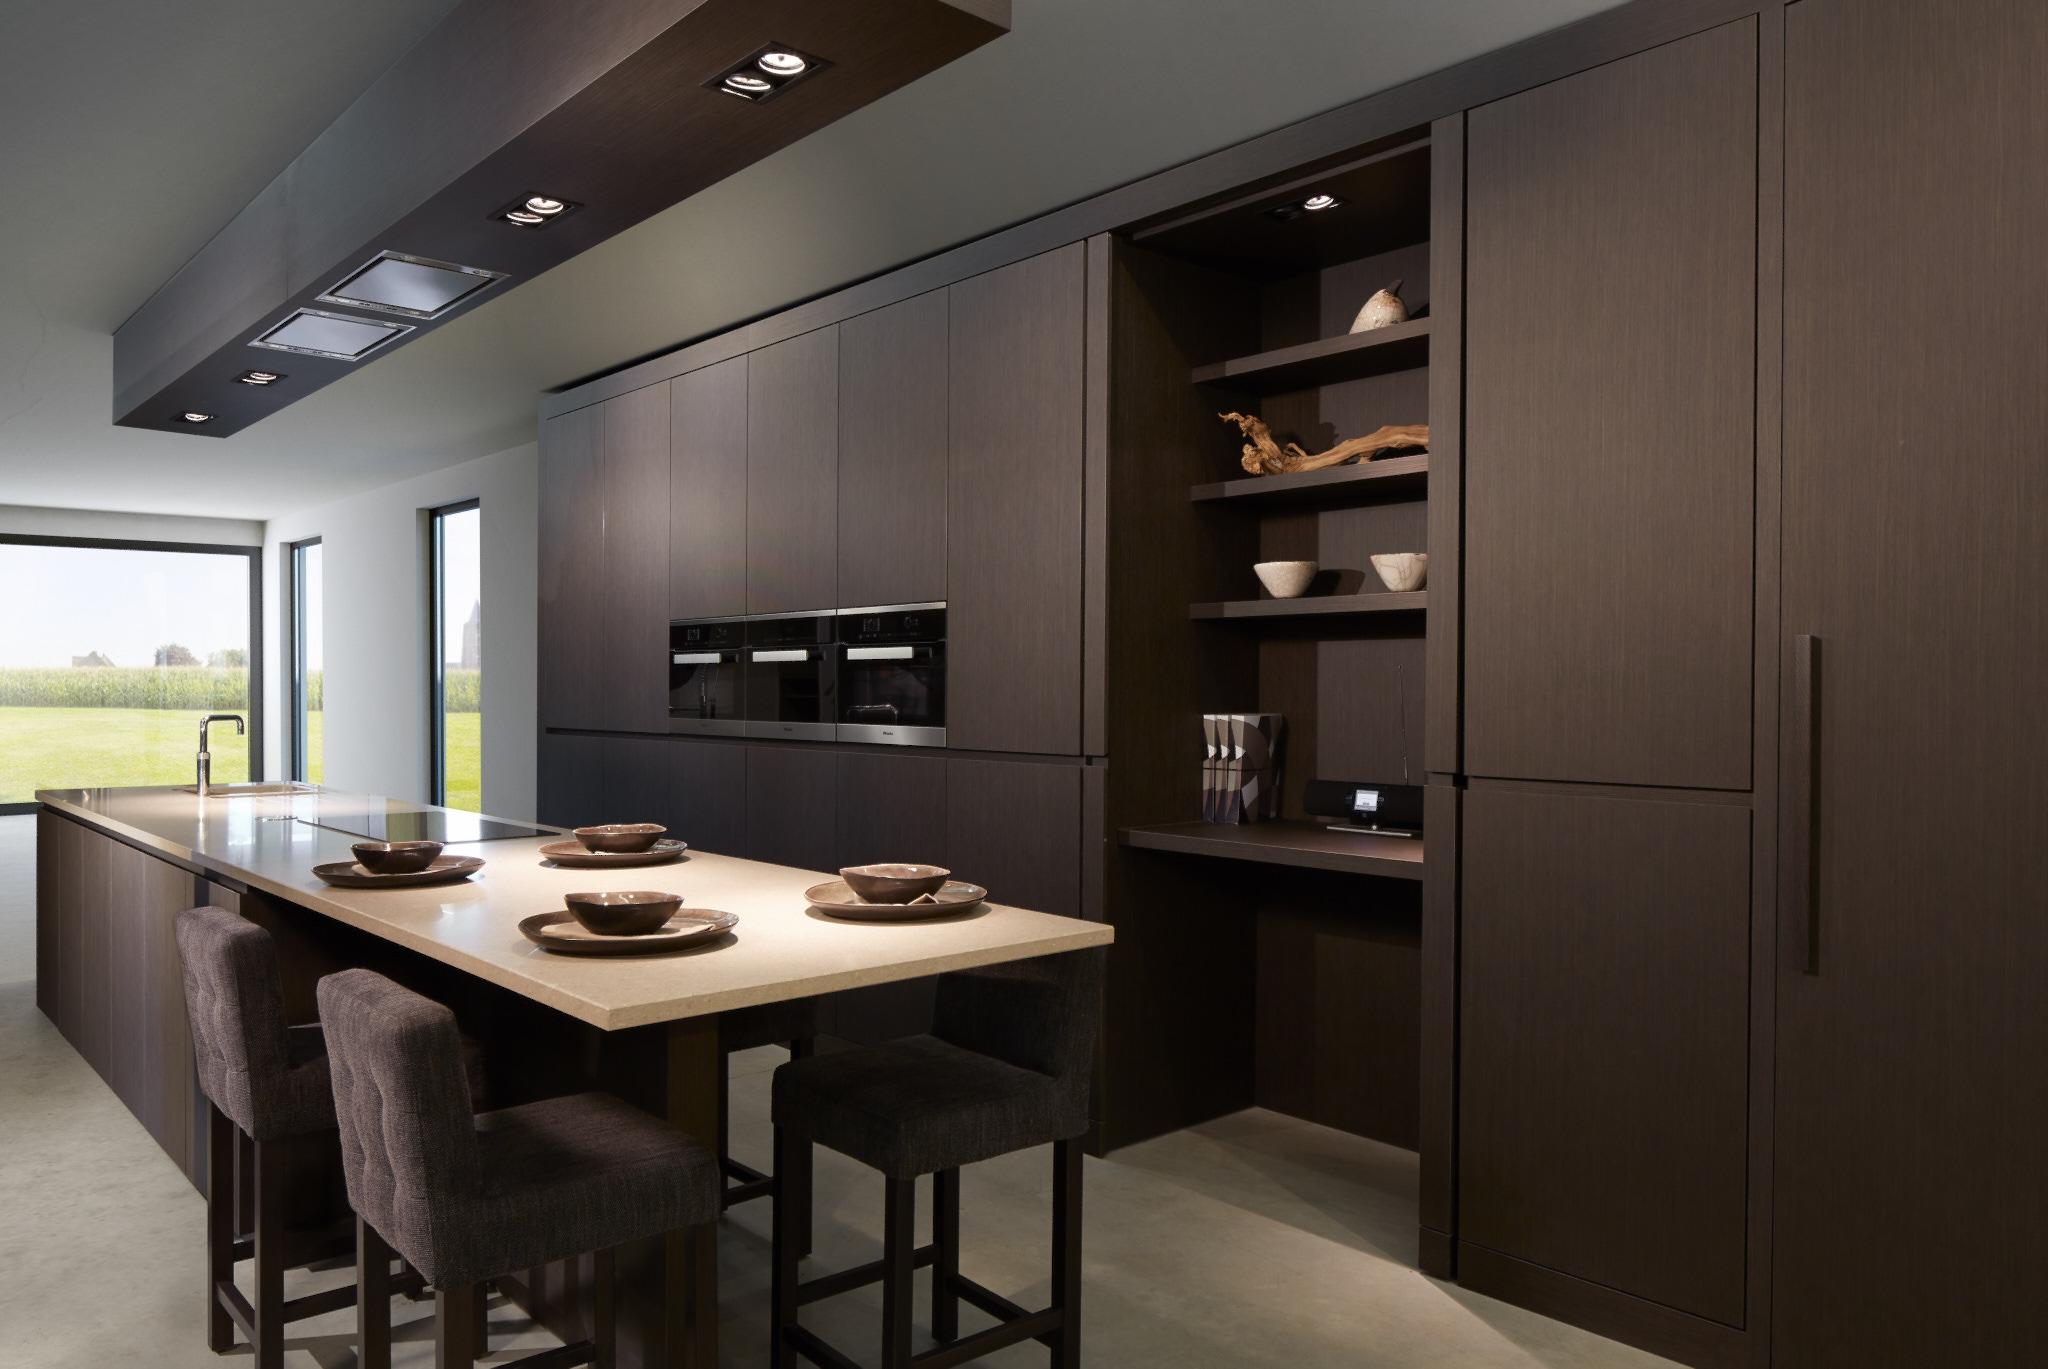 Dessel | Interieur showroom keuken geplaatst in 3D achtergrond